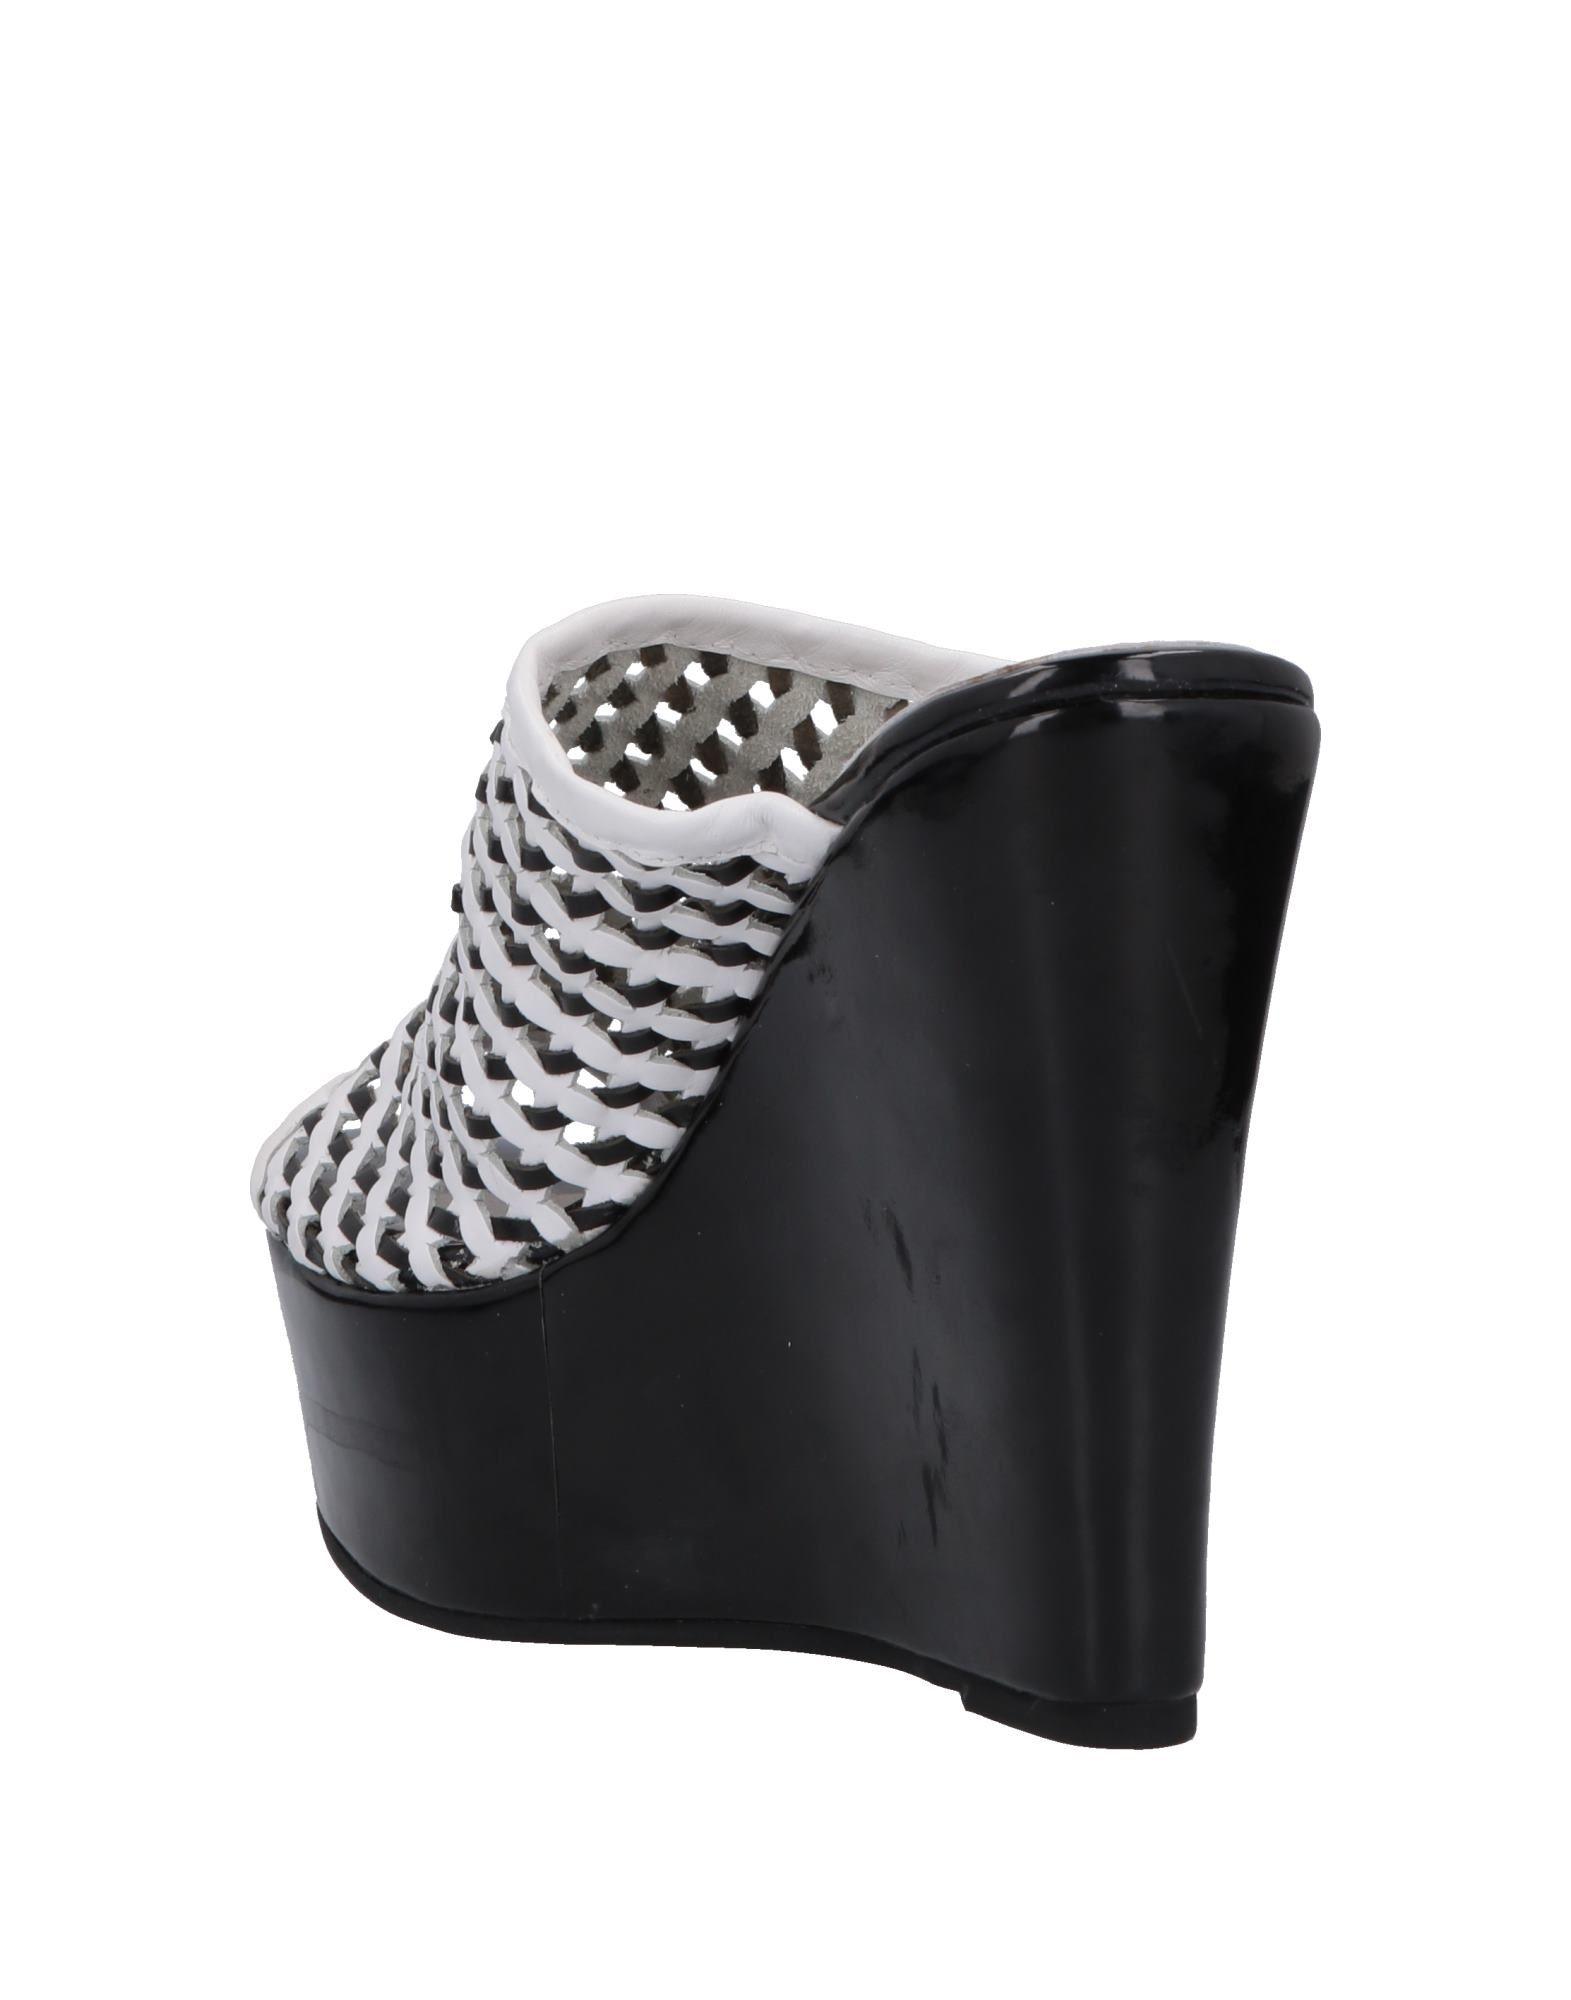 Jeffrey Campbell Sandalen Damen  11624991NK Gute Gute 11624991NK Qualität beliebte Schuhe 56e7a5